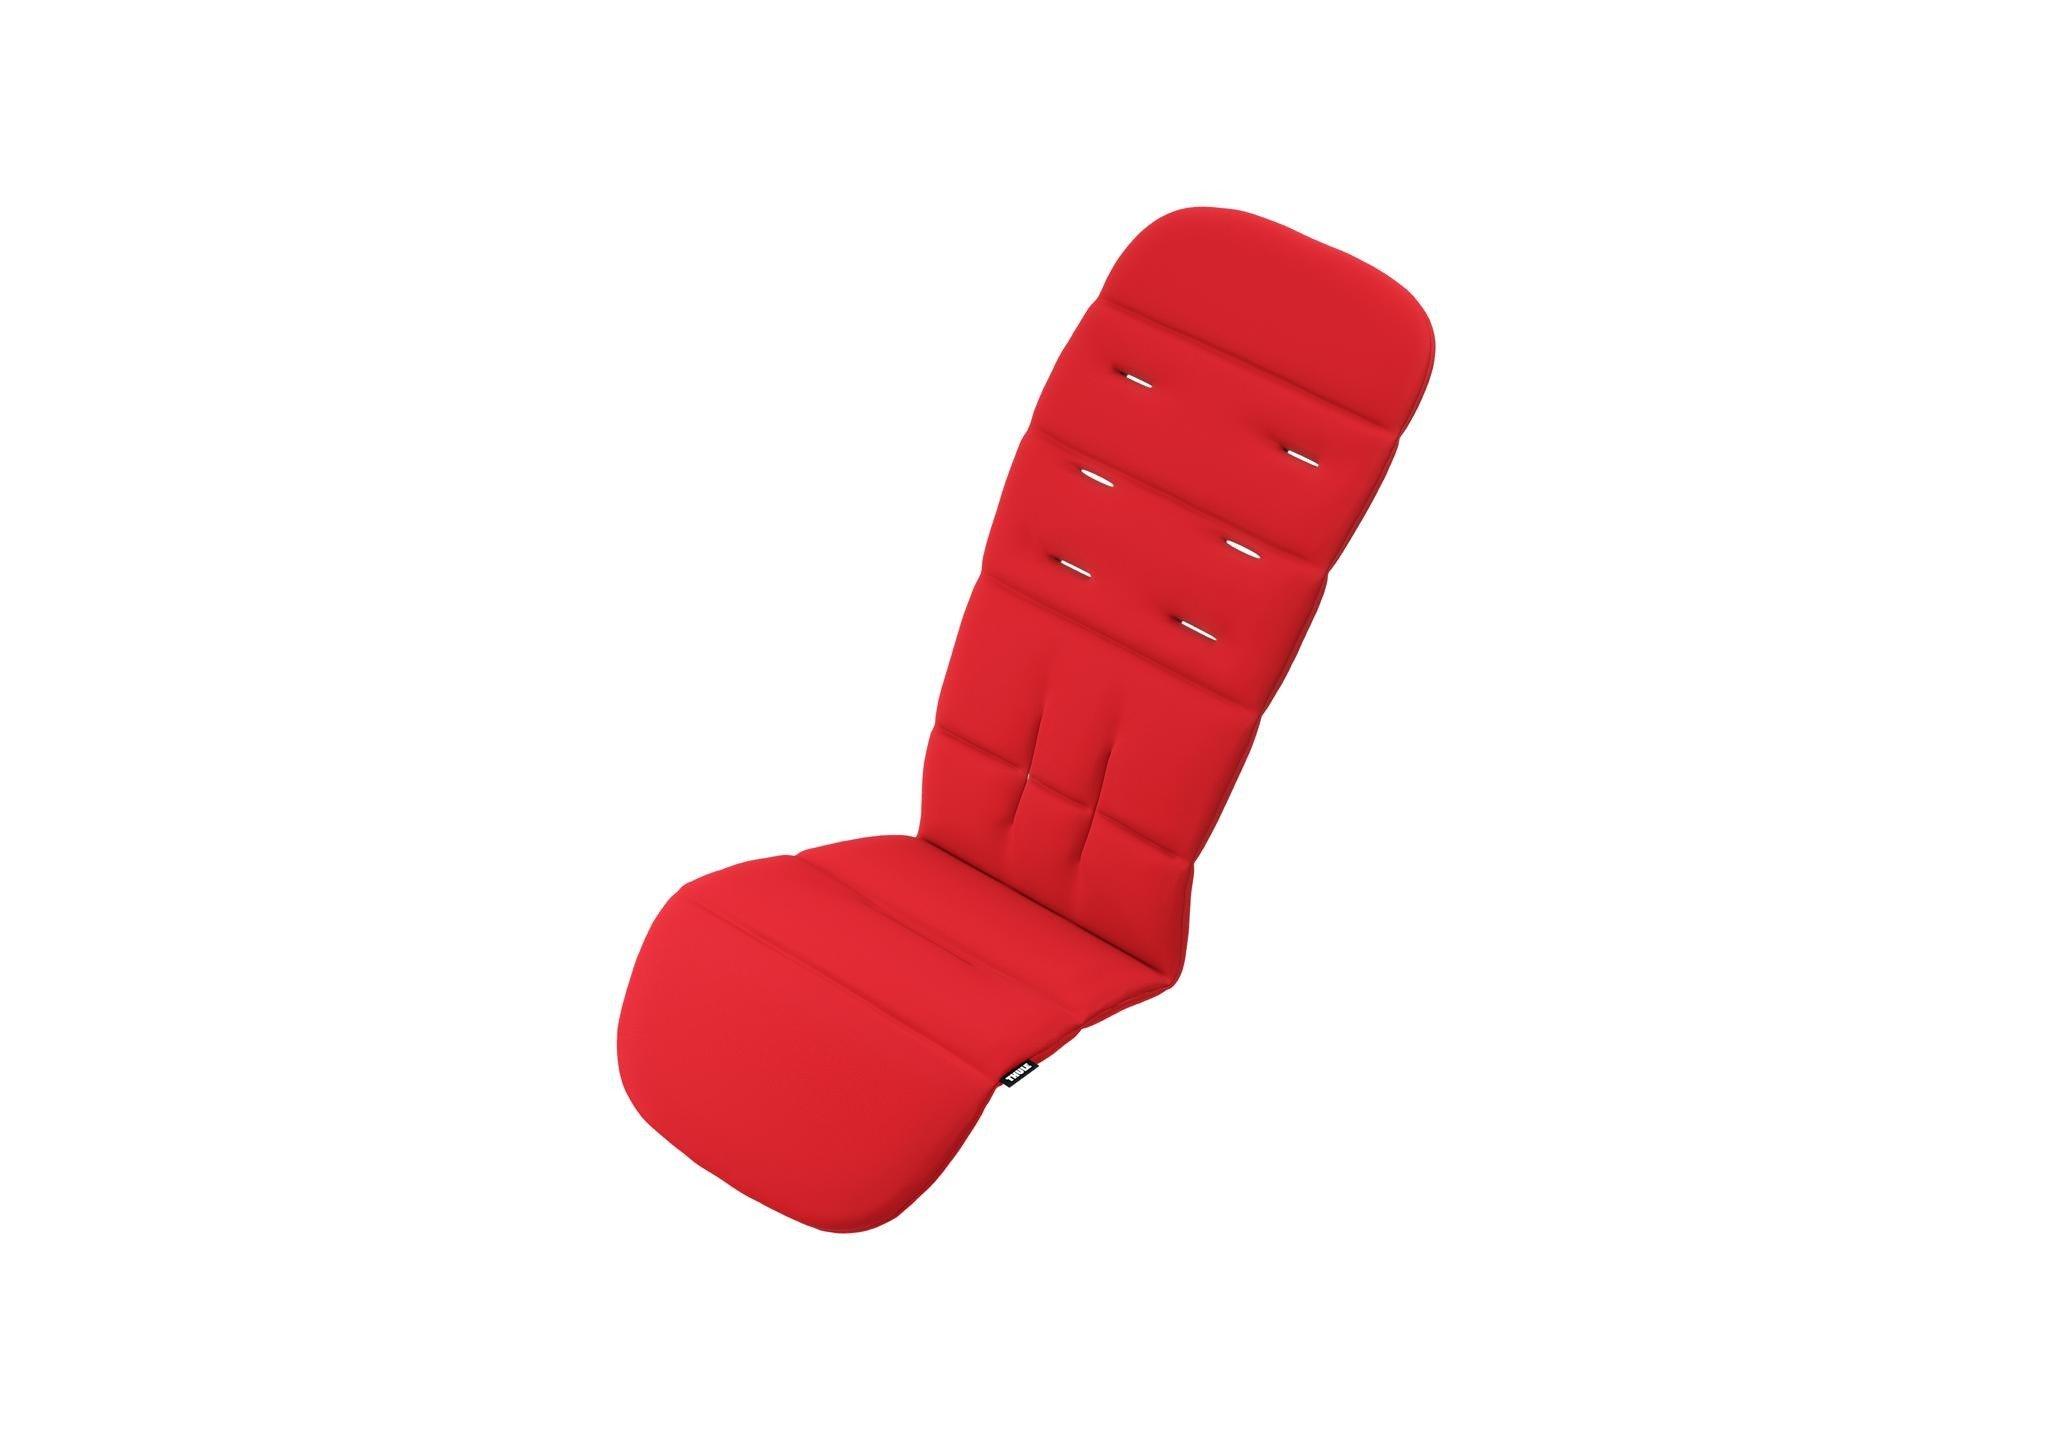 Thule Sleek - miękka wkładka do wózka - Energy Red